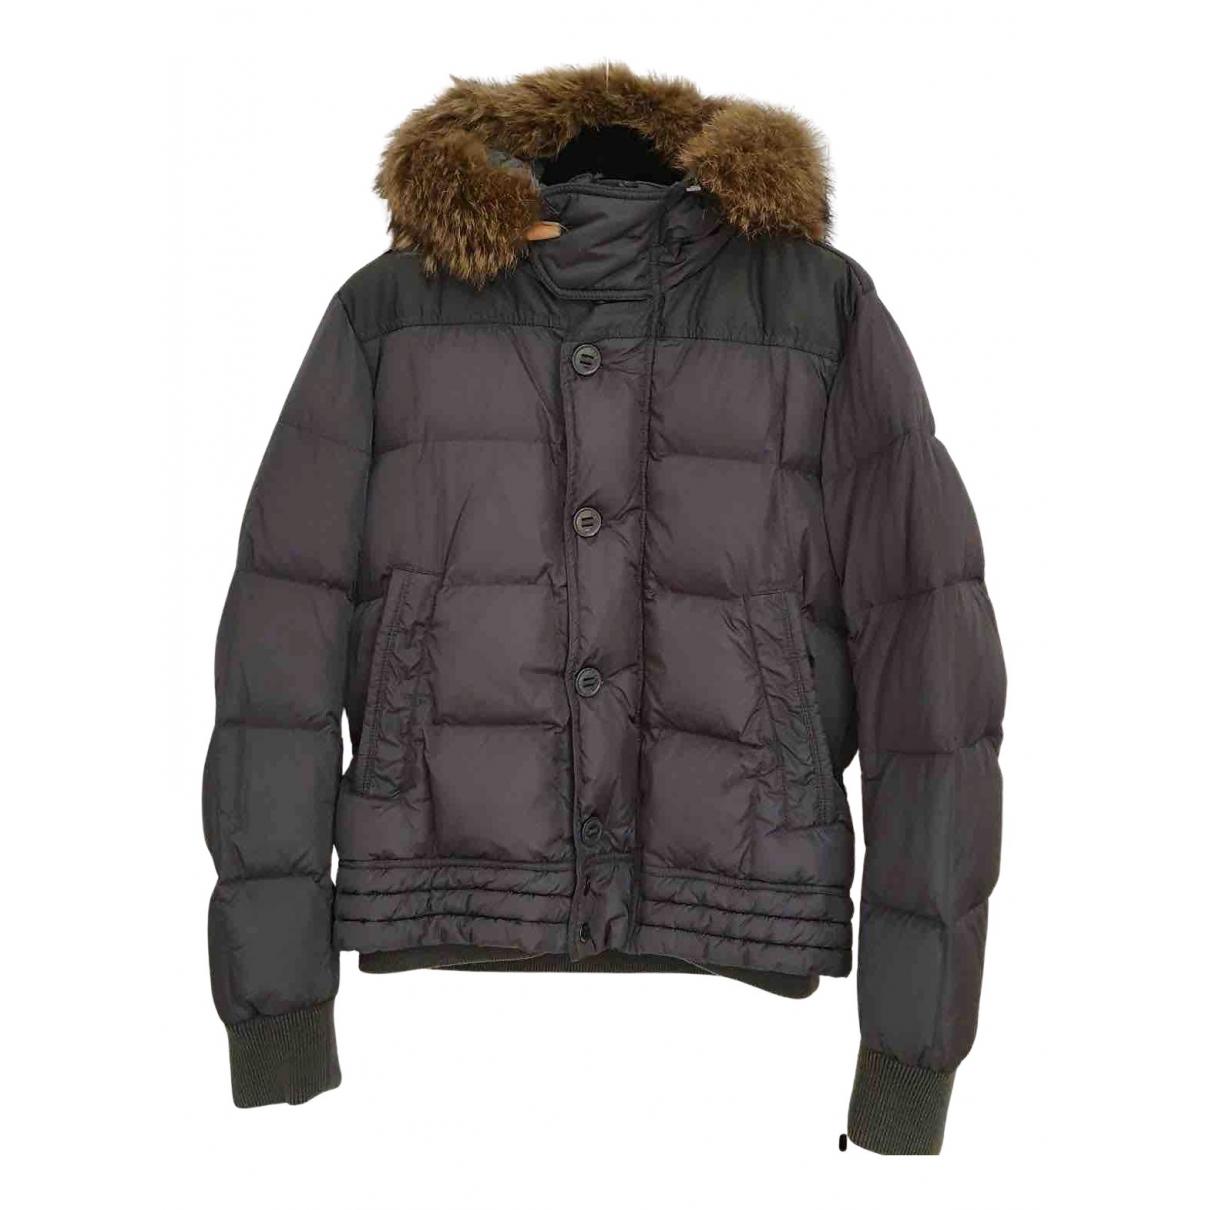 Moncler - Vestes.Blousons Fur Hood pour homme - gris